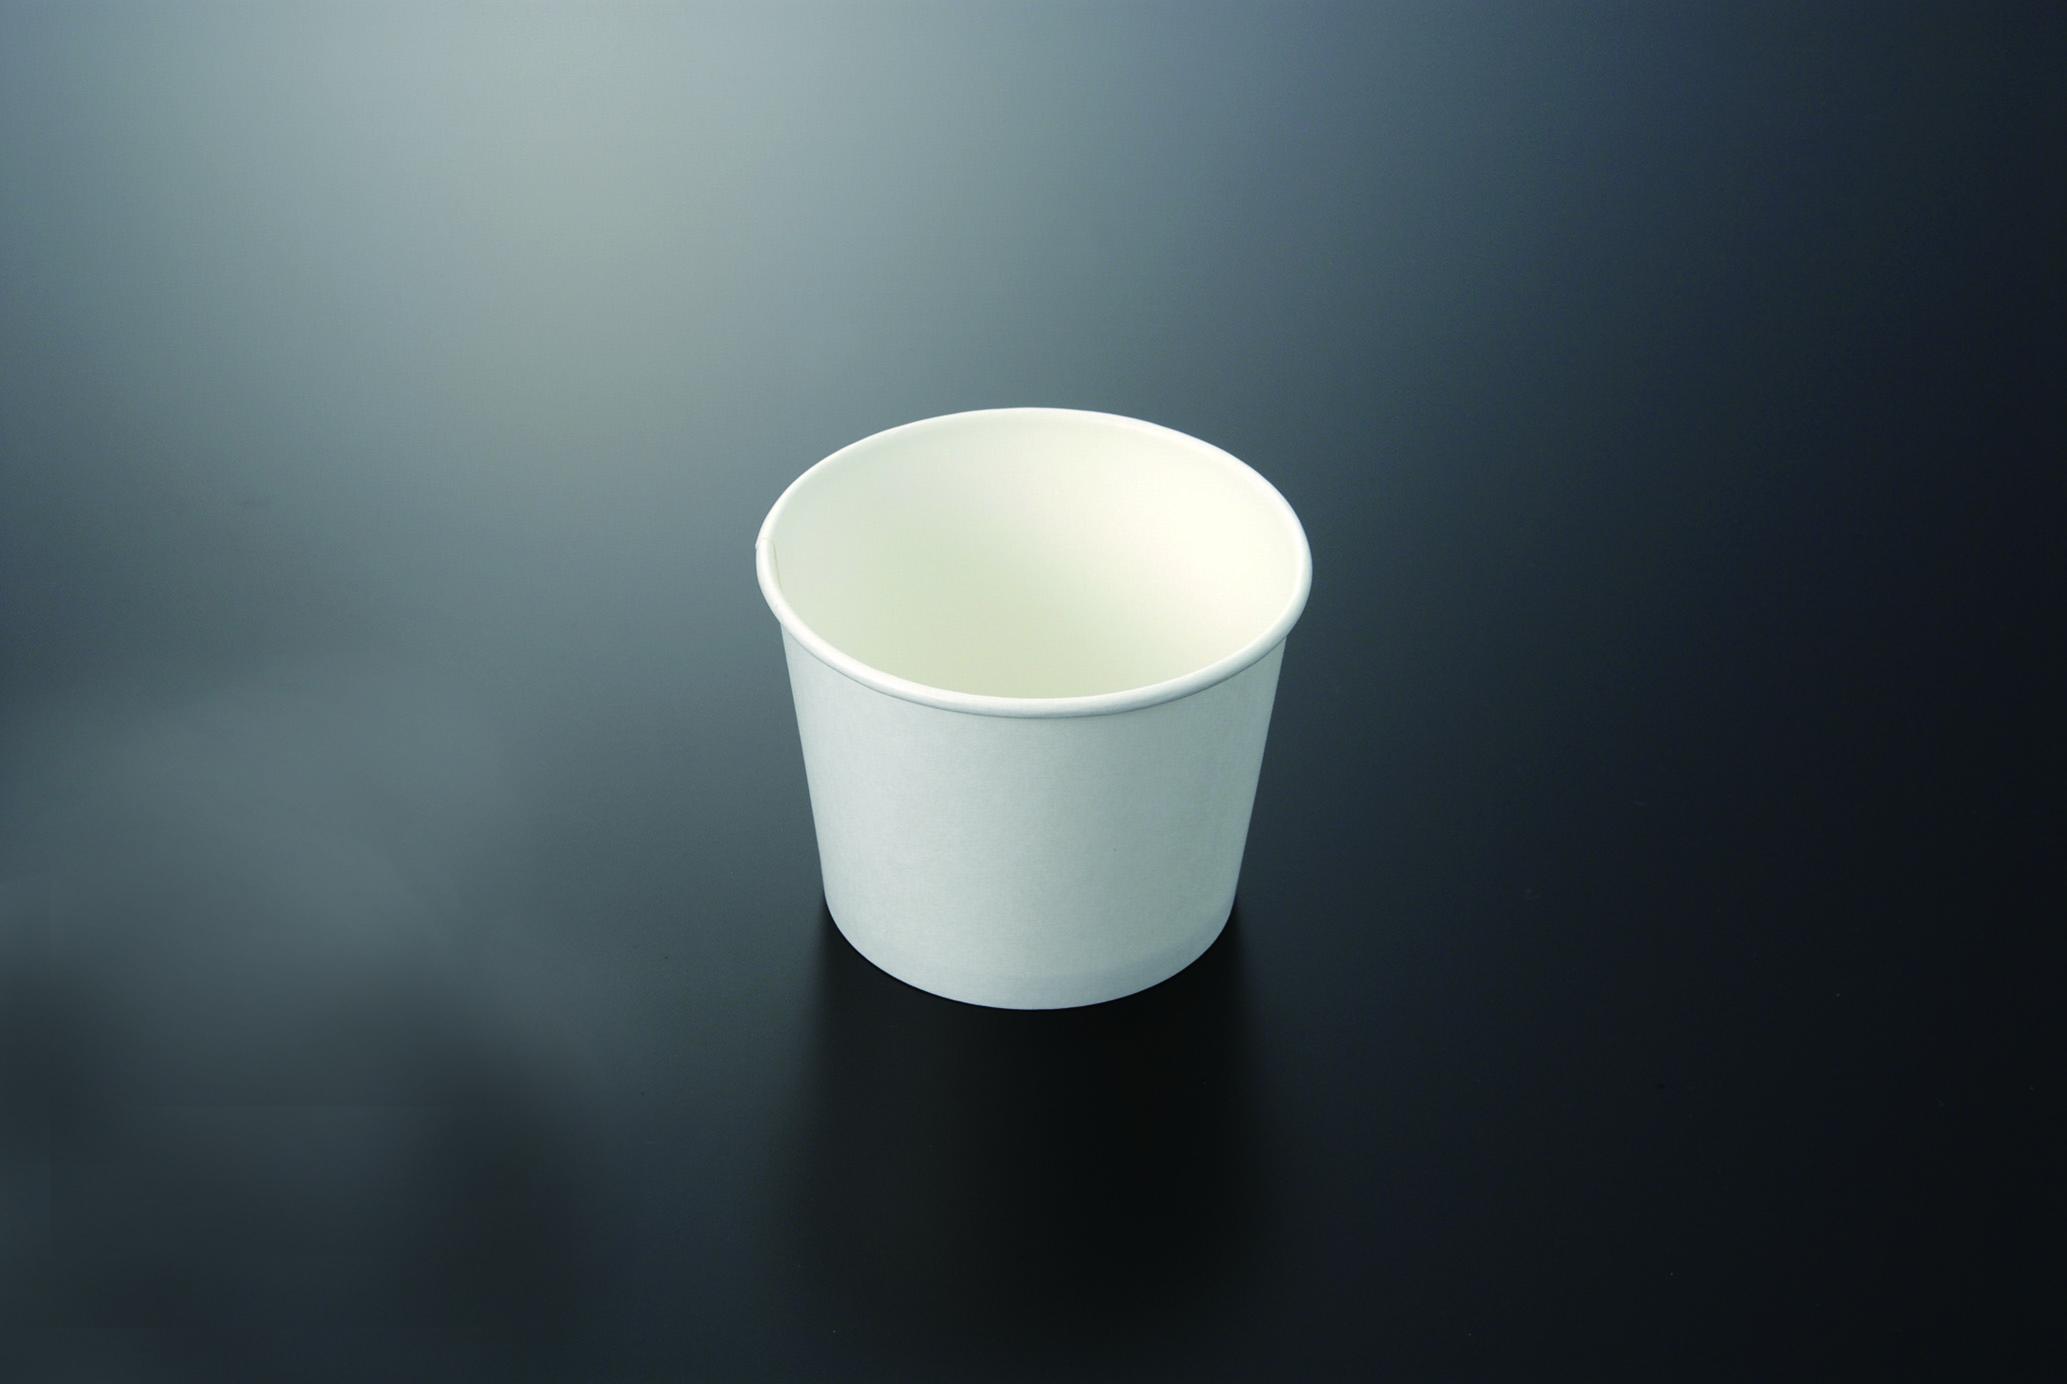 紙カップ km100-390 本体 白 |商品情報 |木村容器株式会社